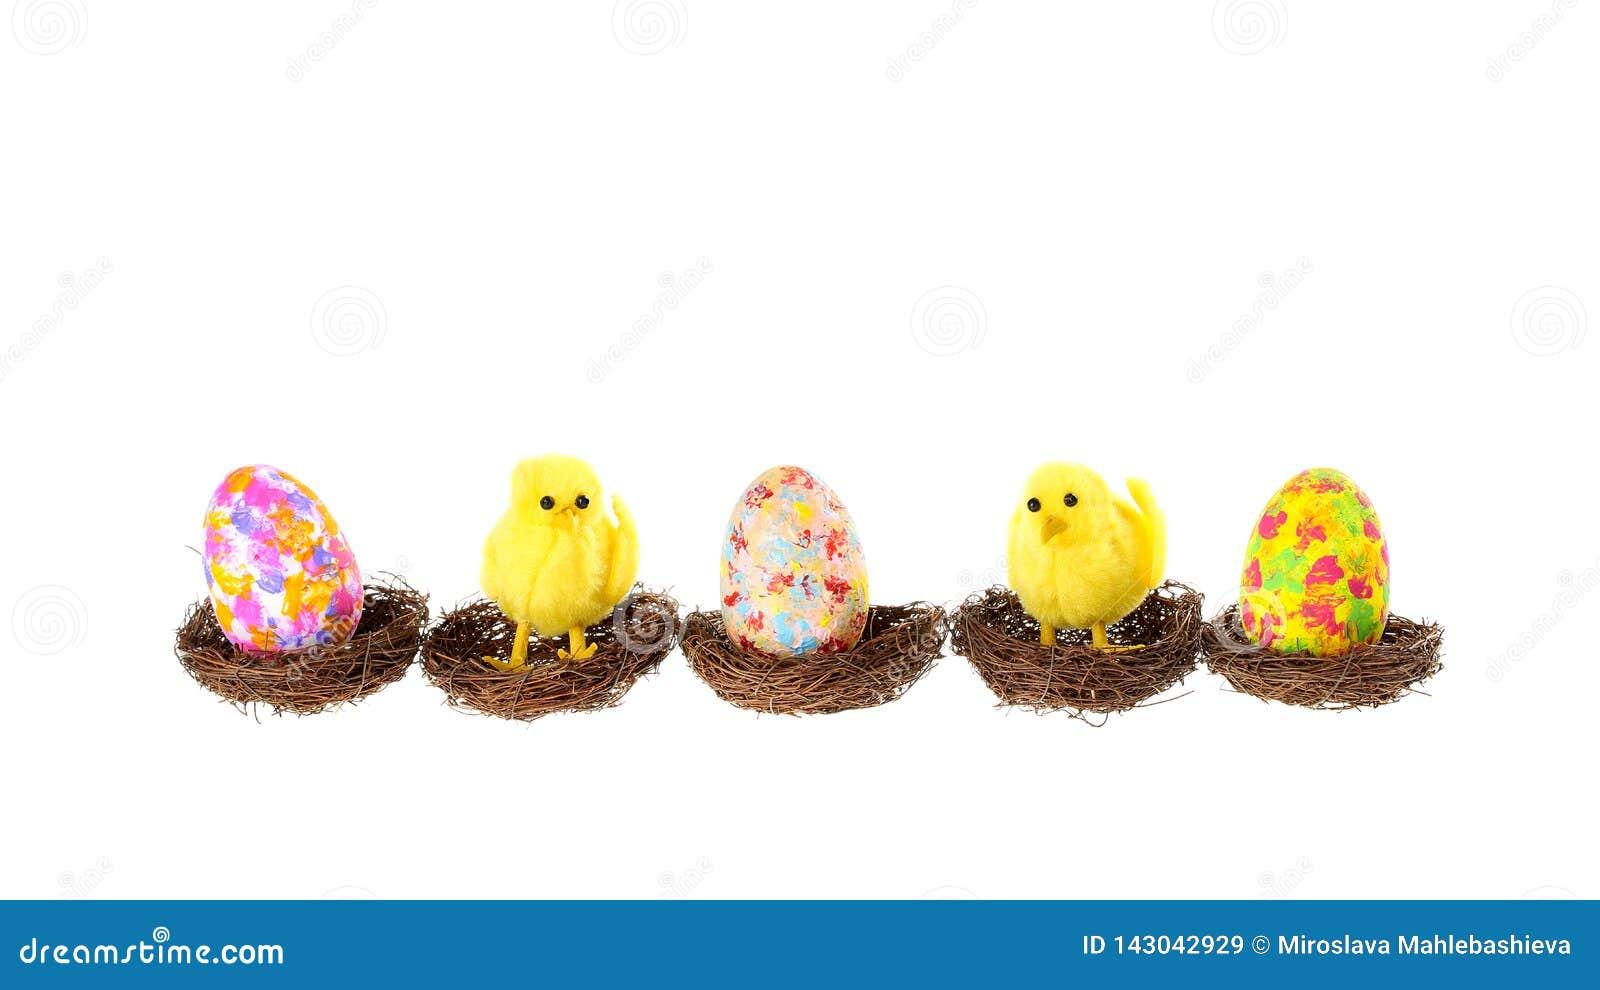 Χαριτωμένο έμβλημα Πάσχας με τρία ζωηρόχρωμα χρωματισμένα αυγά και δύο διακοσμητικά κοτόπουλα που κάθονται στις φωλιές πουλιών, π